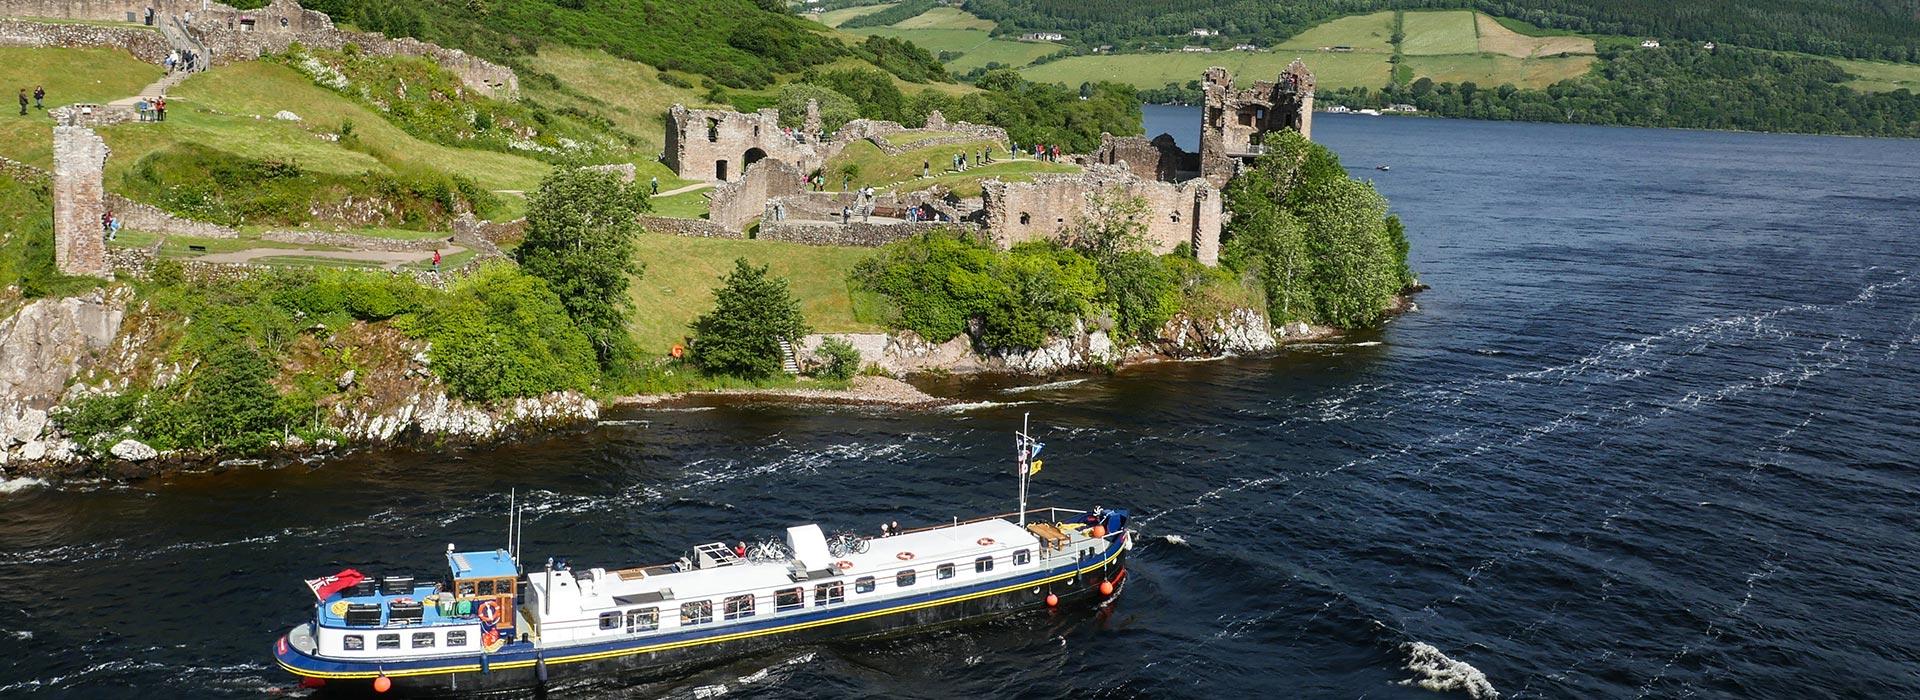 Flod Cruise på Loch Ness Skotland